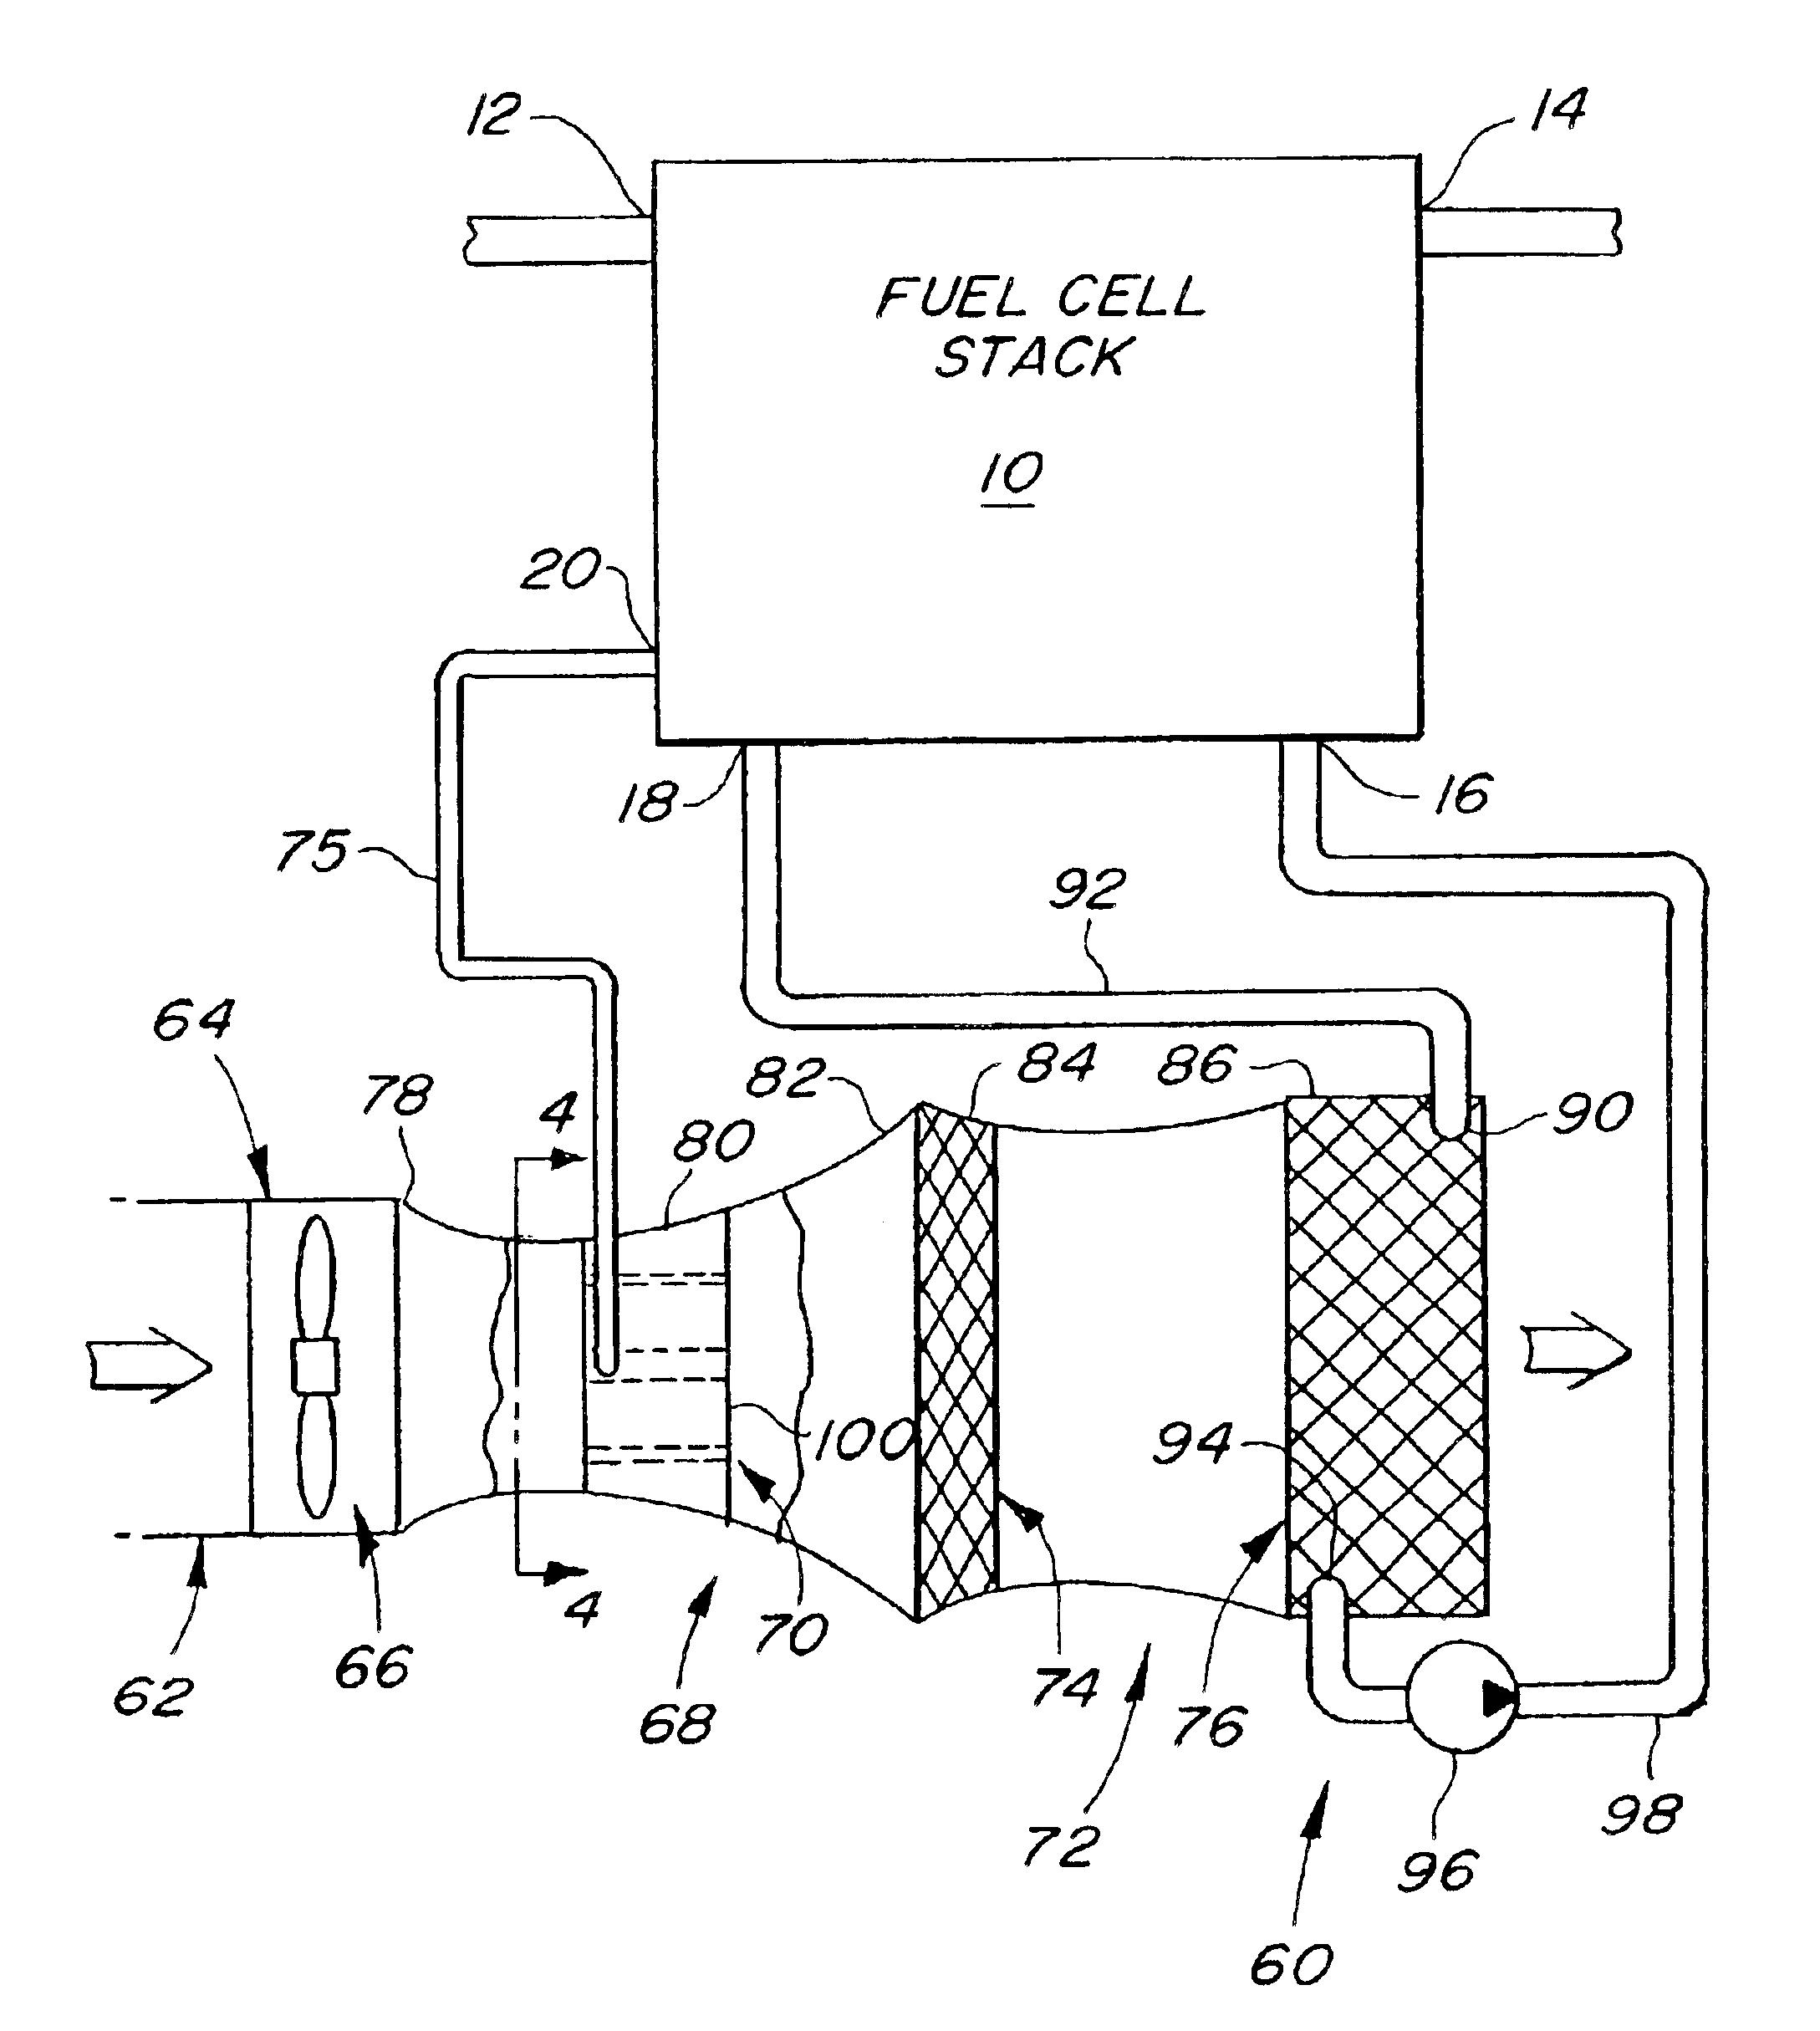 Aegis Lh775 Kohler Wiring Diagram Kohler Courage Wiring